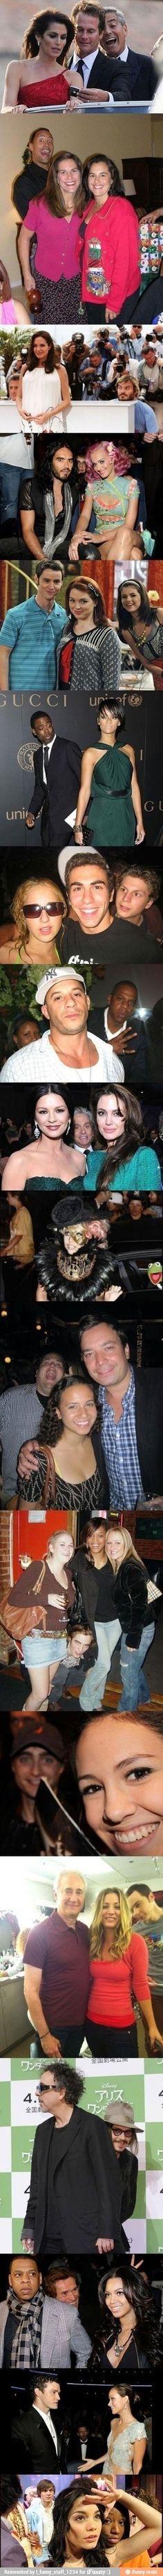 Funny celeb photobombs :)